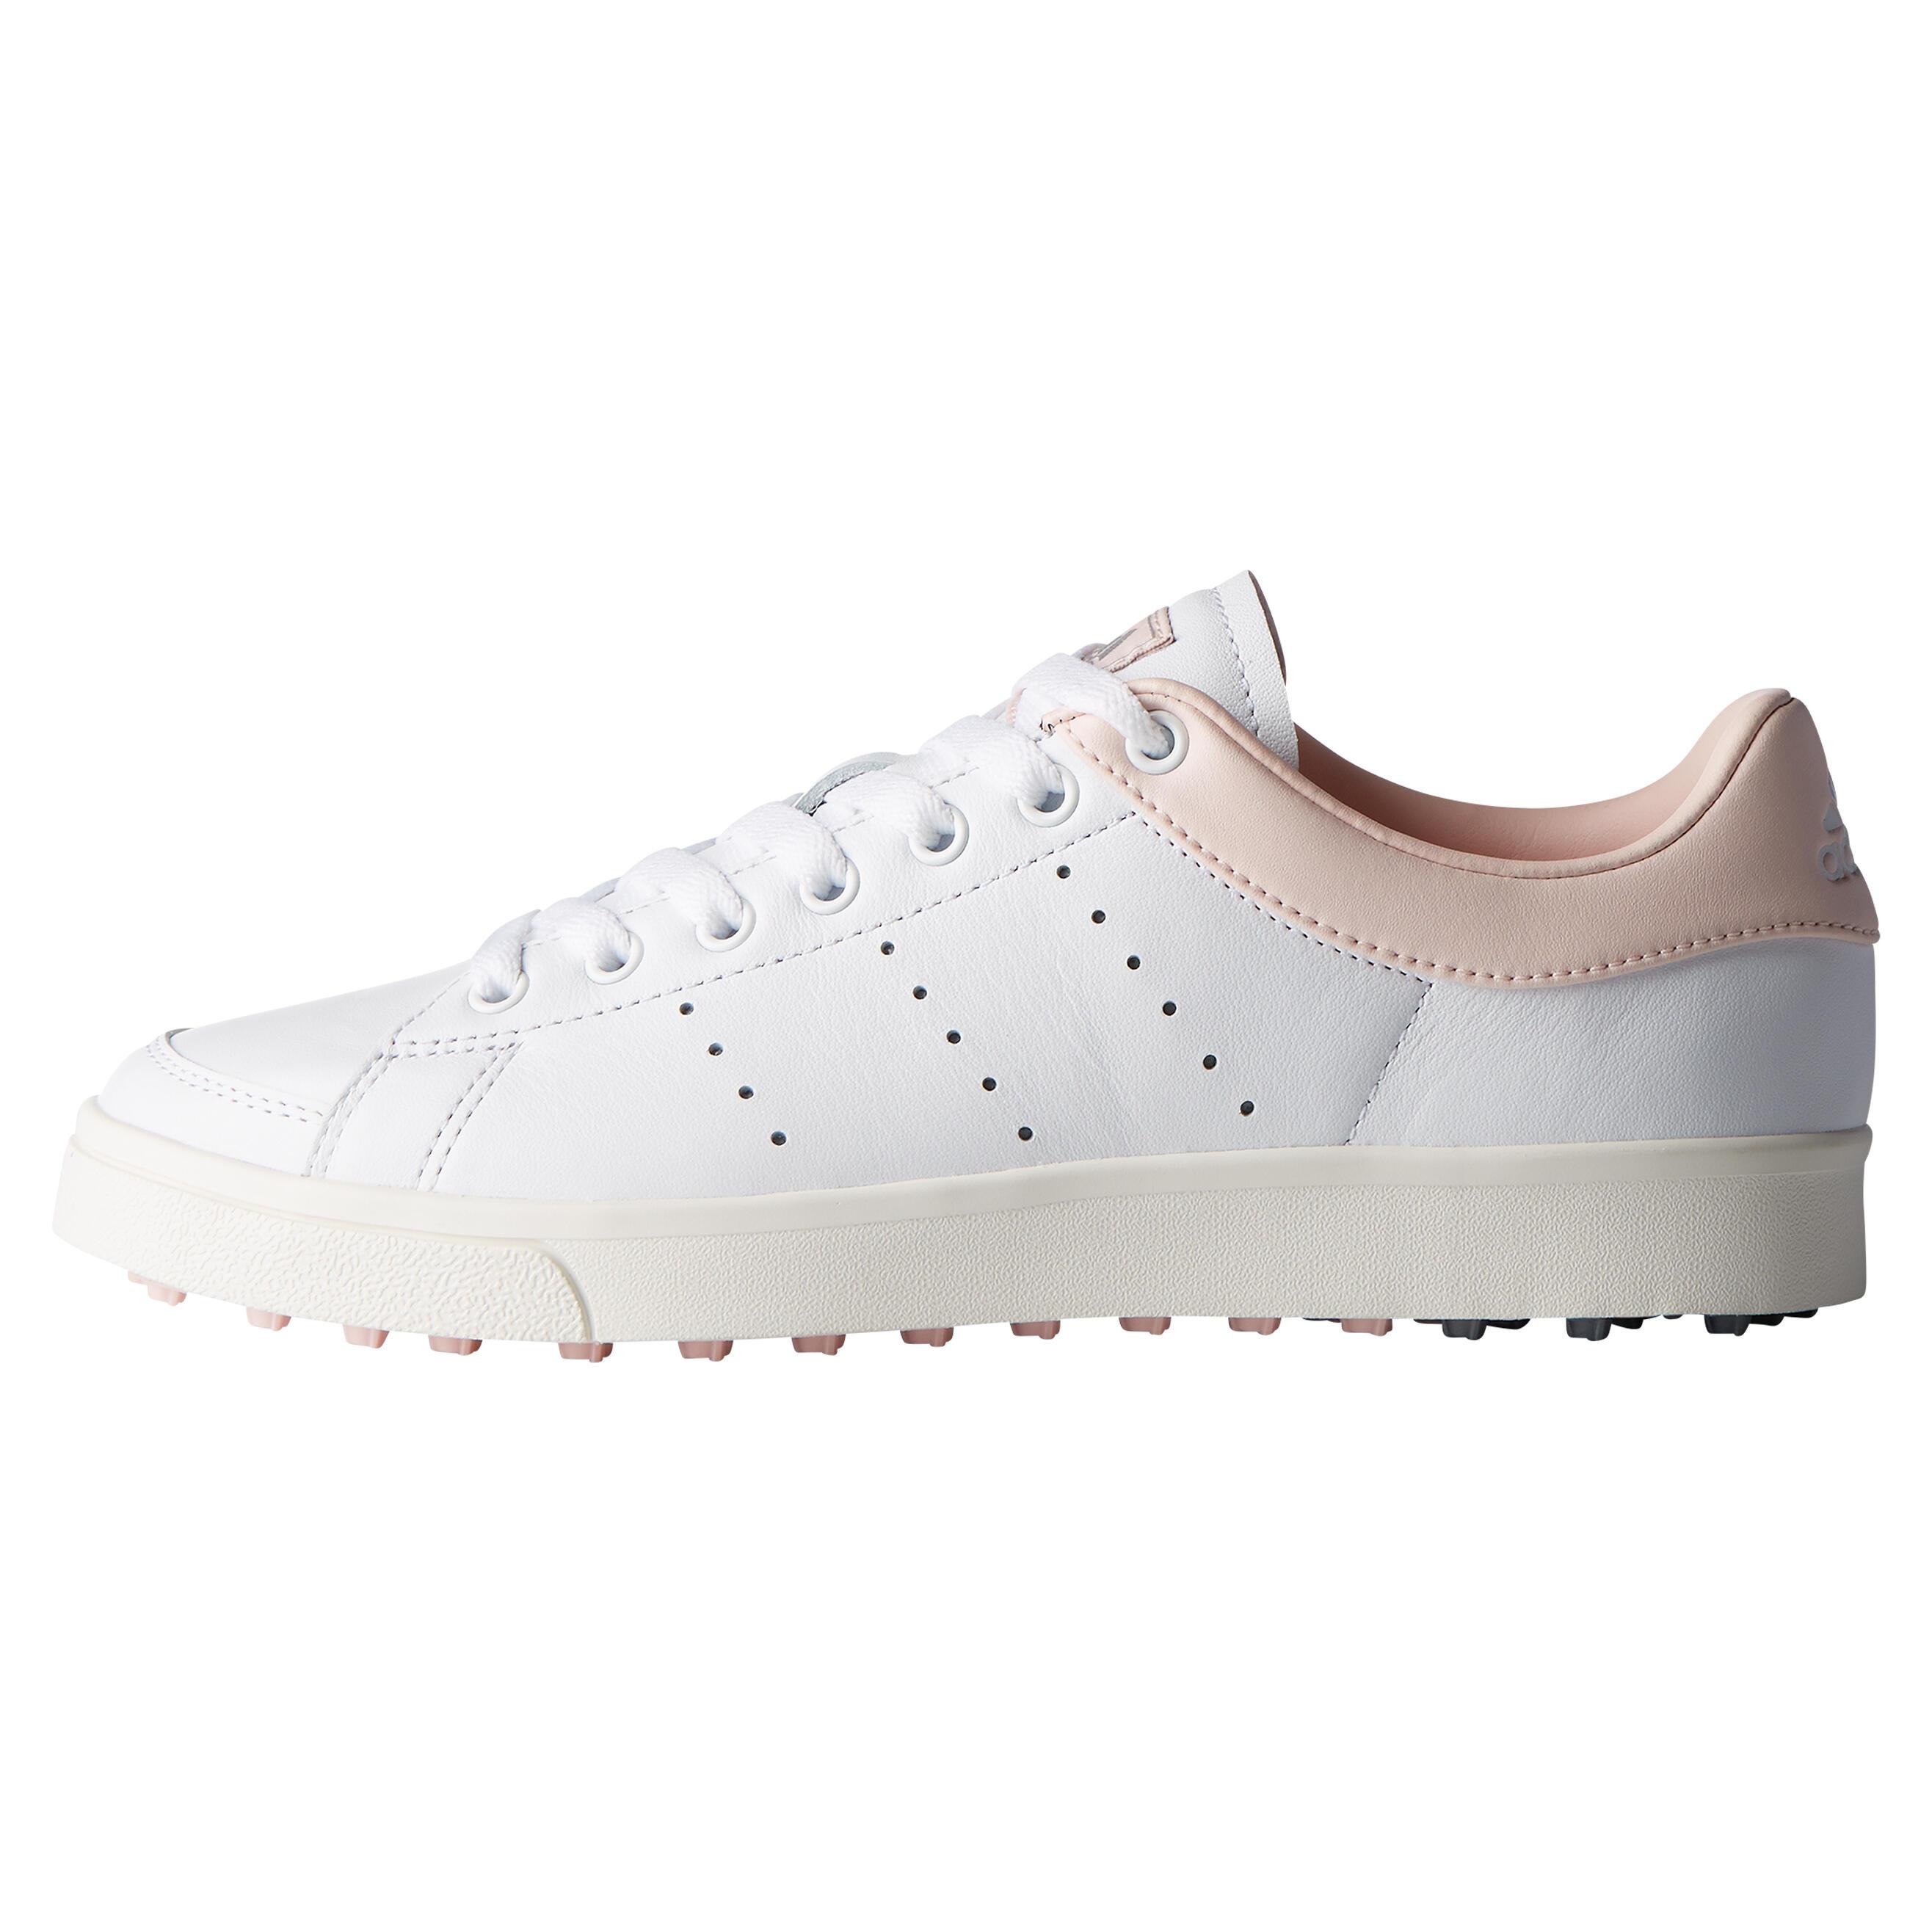 2413185 Adidas Golfschoenen Adicross Classic voor dames wit